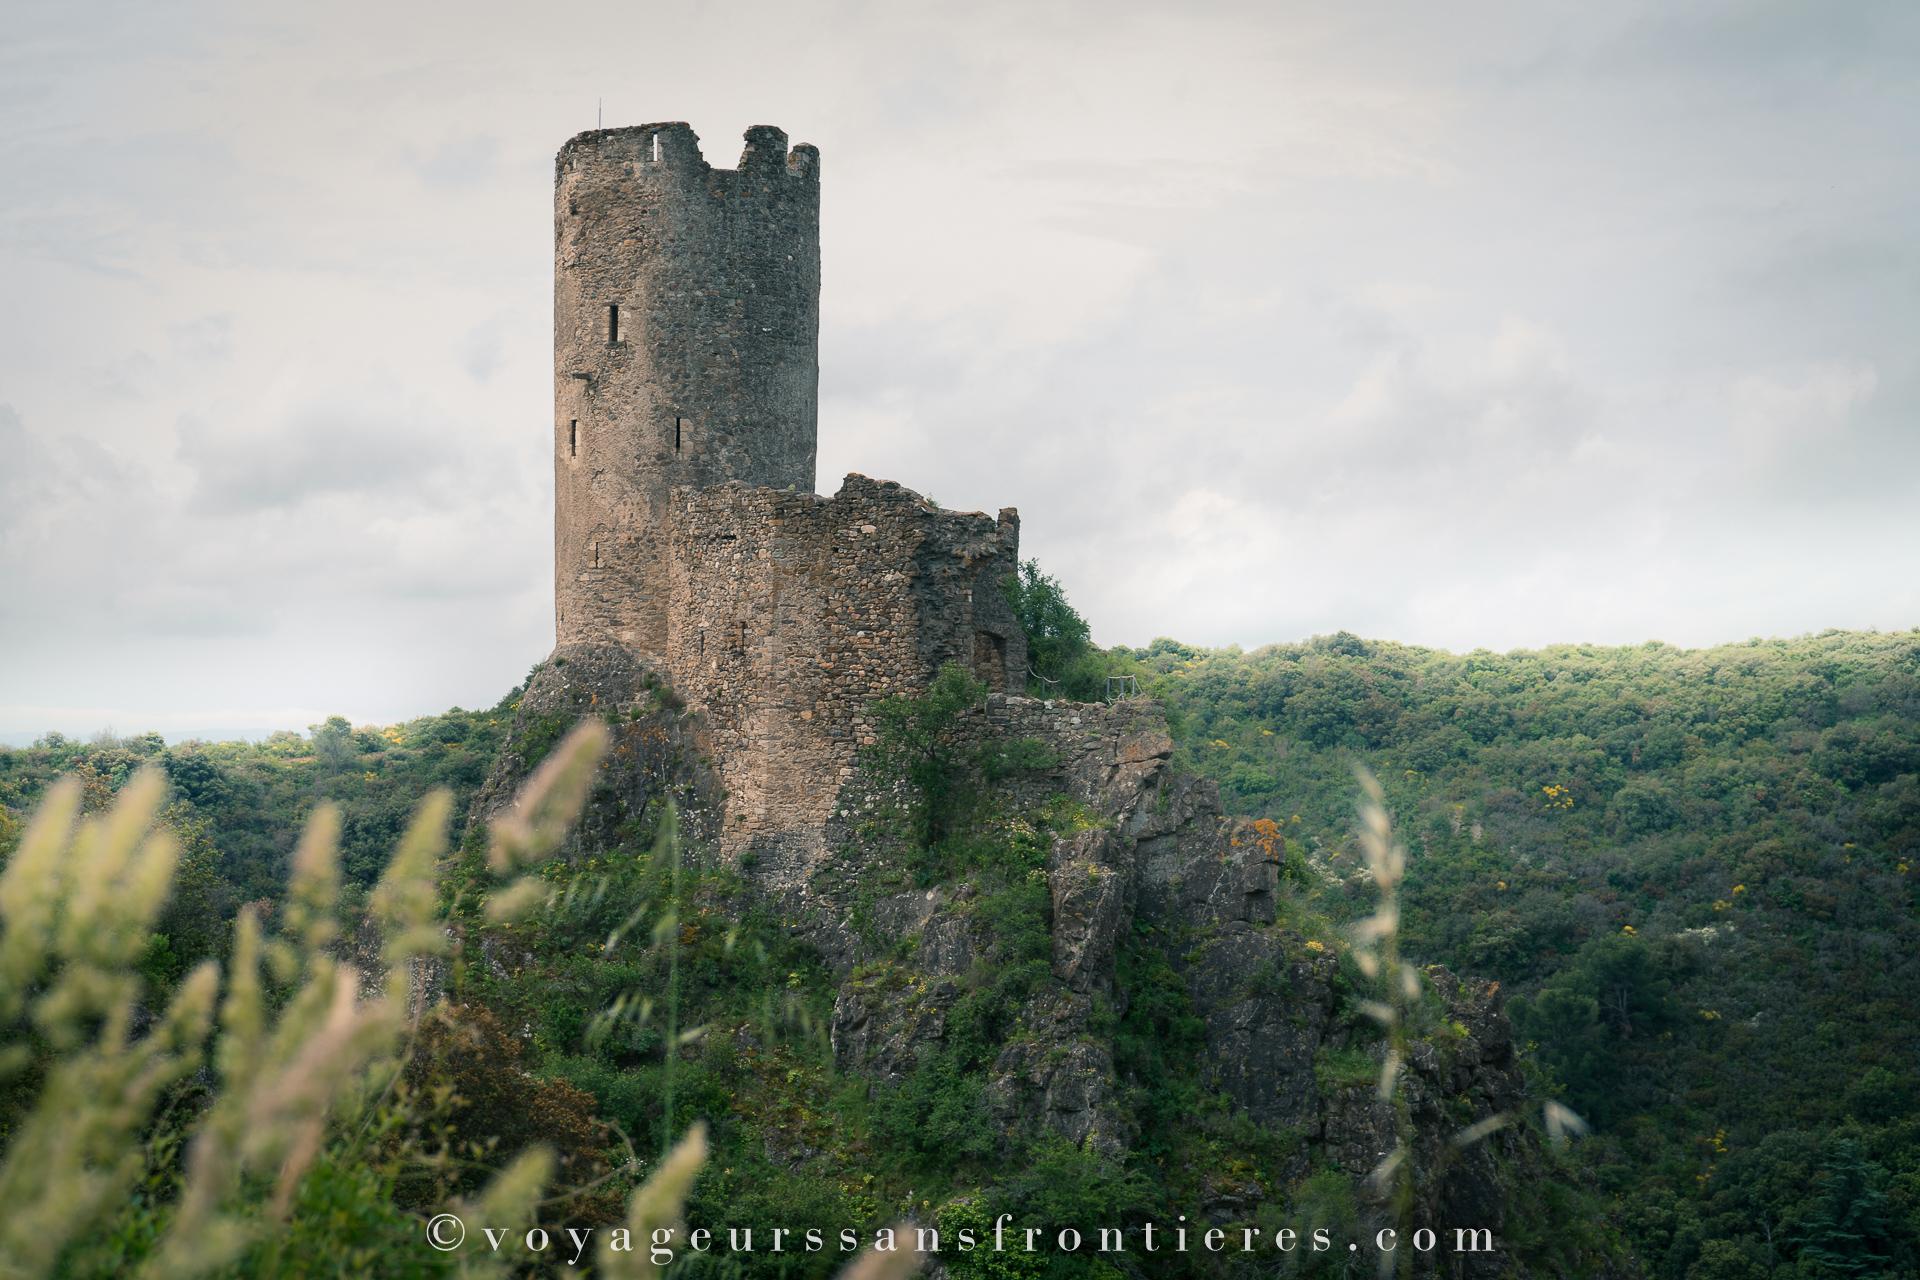 Châteaux de Lastours - Collines Cathares, France